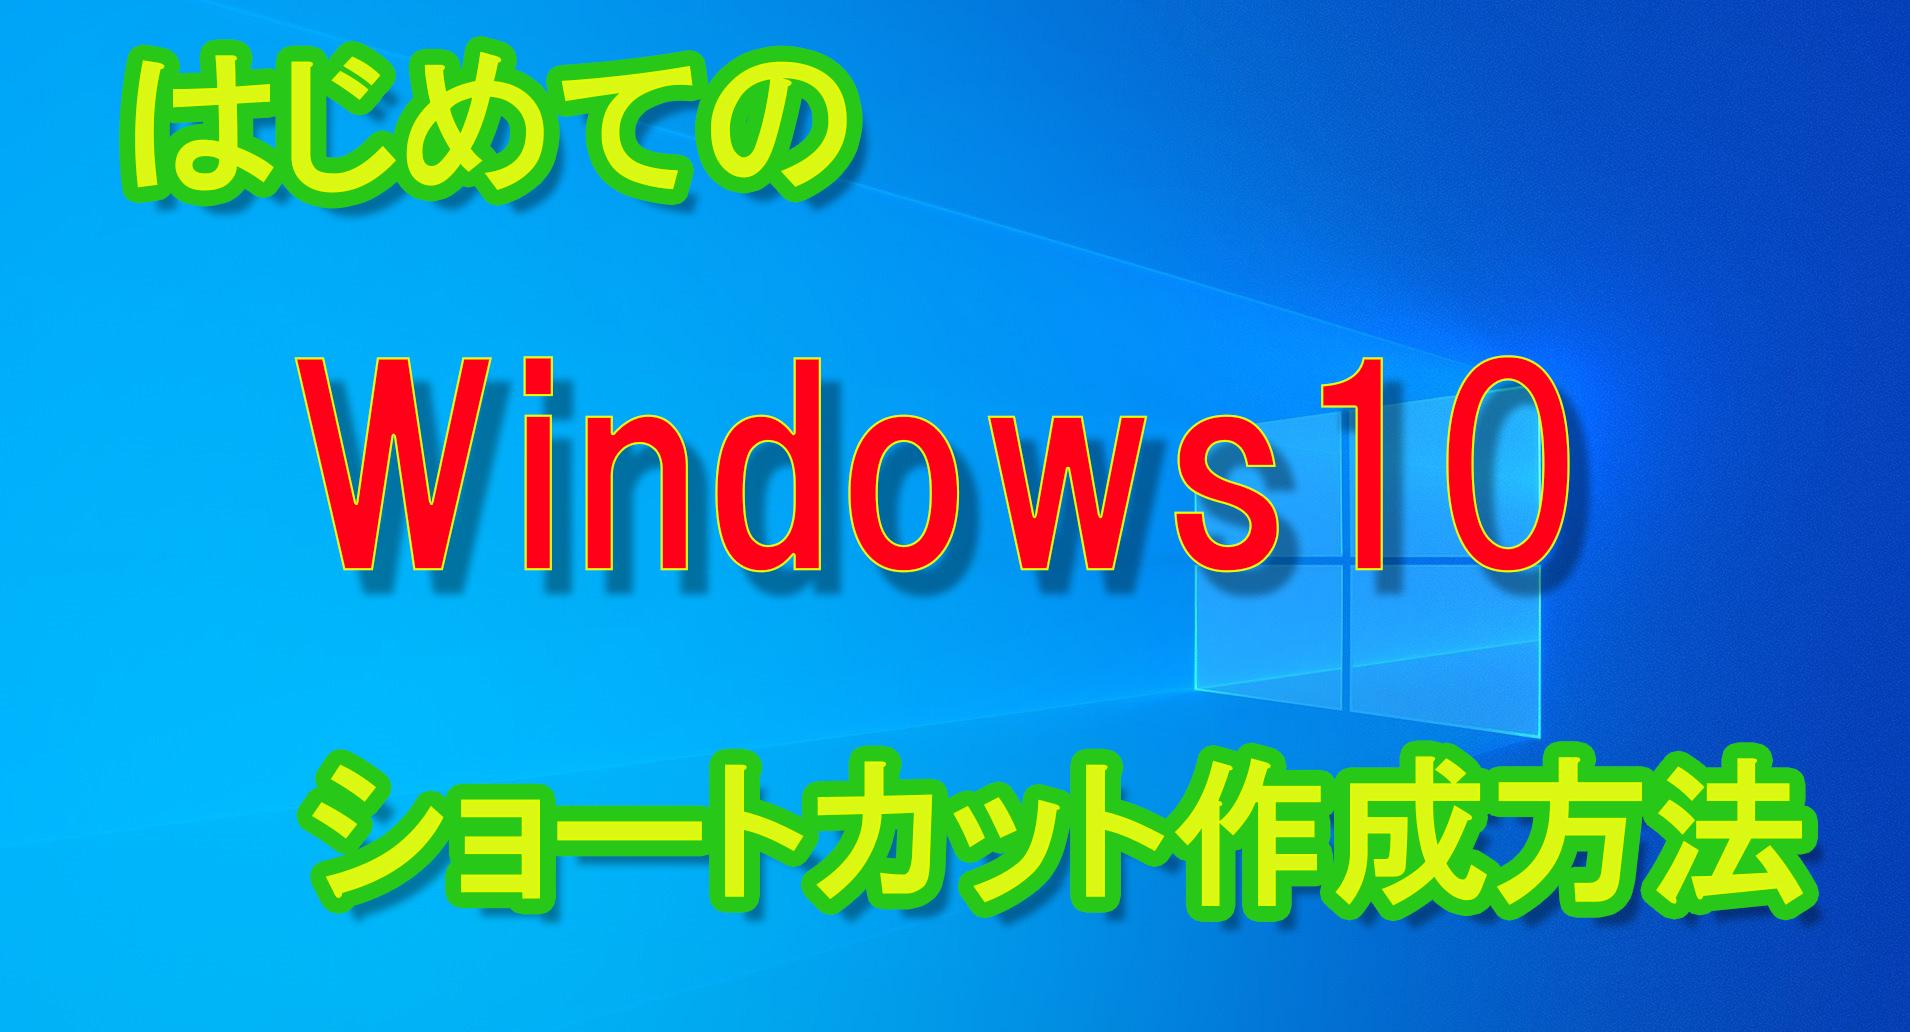 Windows10のショートカット作成方法